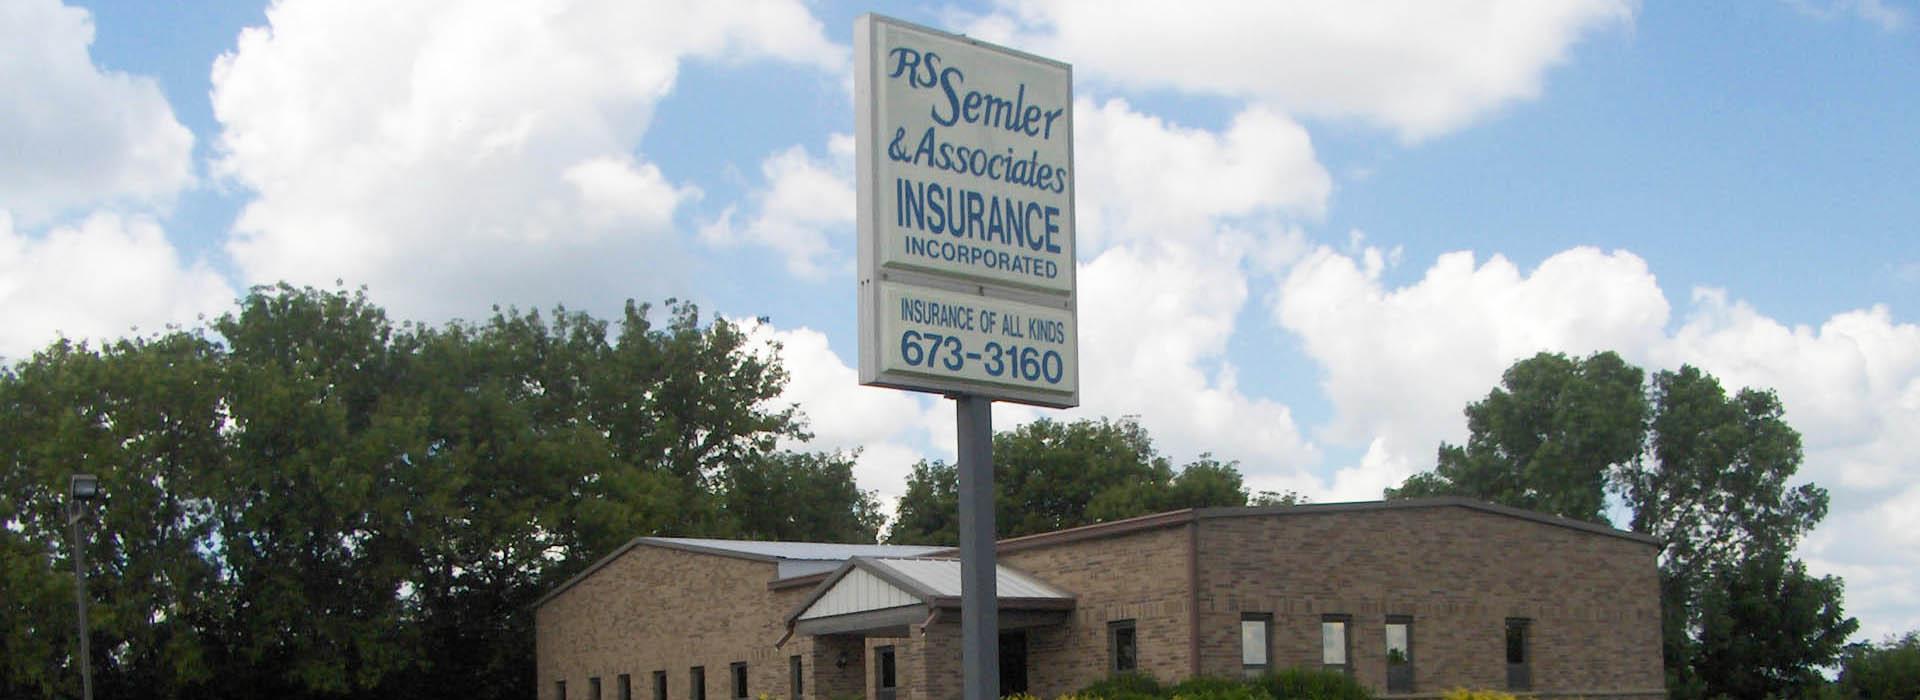 R.S. Semler & Associates Insurance, Inc.